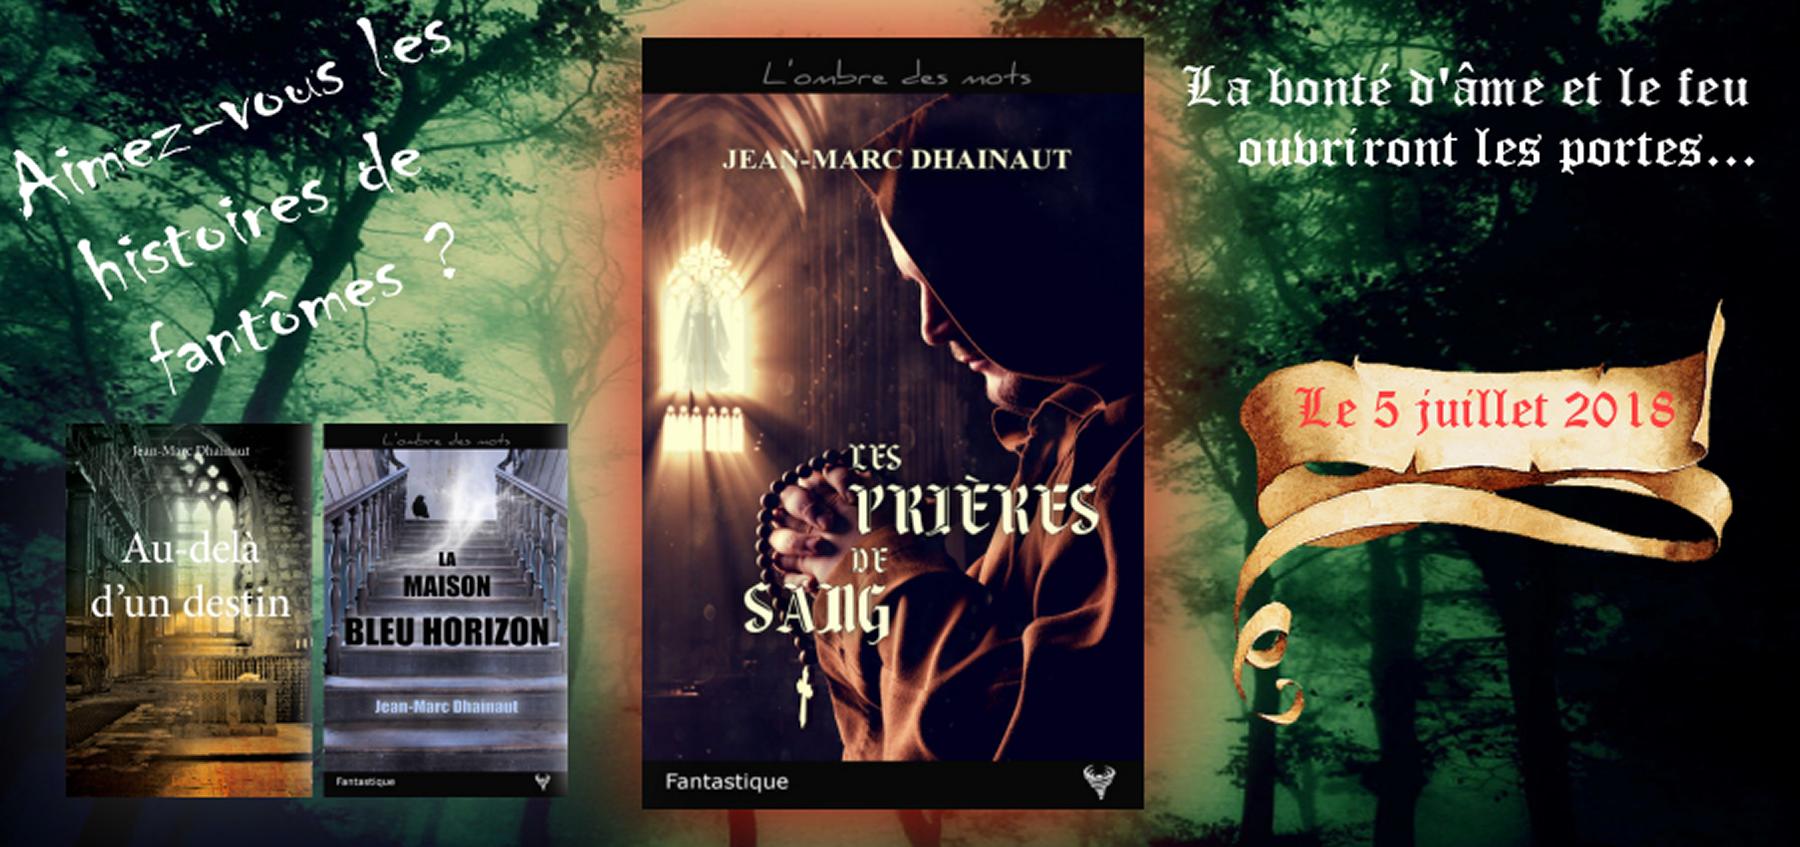 Jean-Marc Dhainaut. Auteur de romans fantastiques.